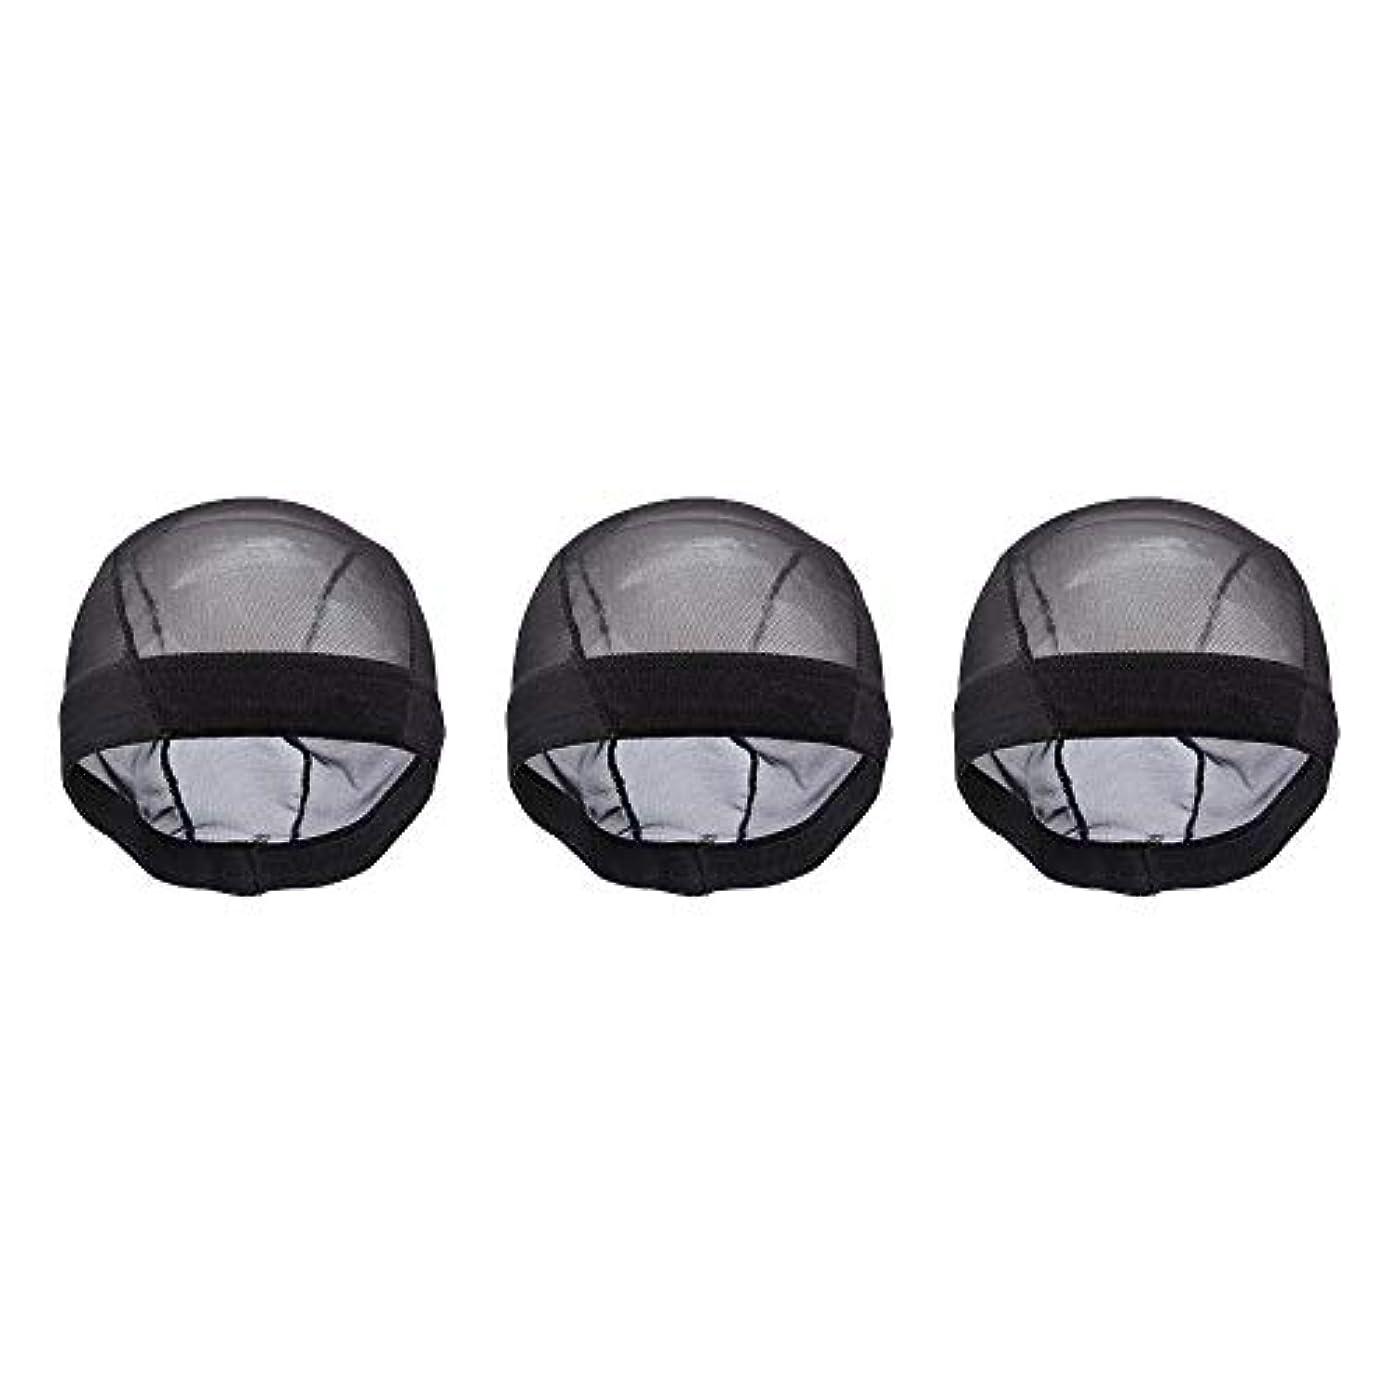 まとめるボクシング弾薬Merssavo 3本ブラックウルトラストレッチウィッグキャップ女性ドームキャップ